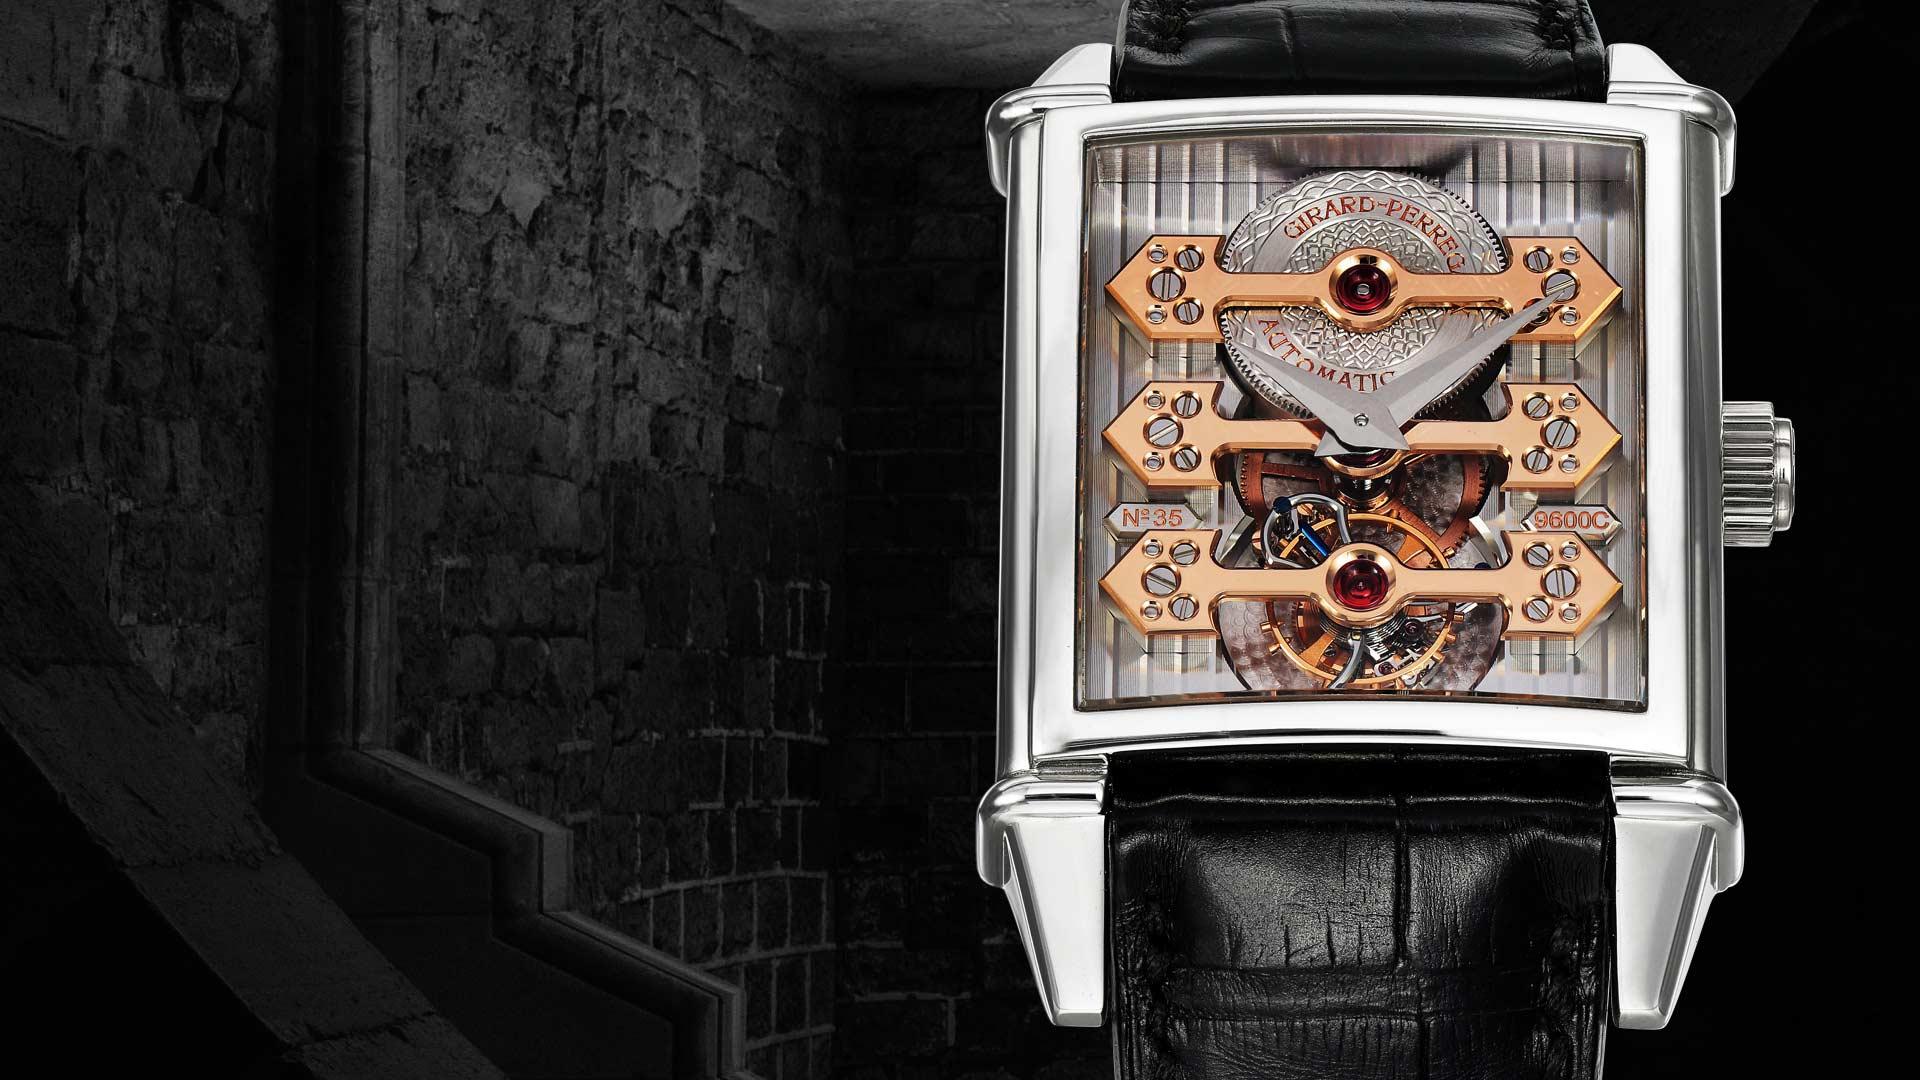 ハナジマで取り扱う腕時計を紹介するページとトップ画像。時計はジラール・ペルゴ(girard-perregaux)をイメージとして使用。